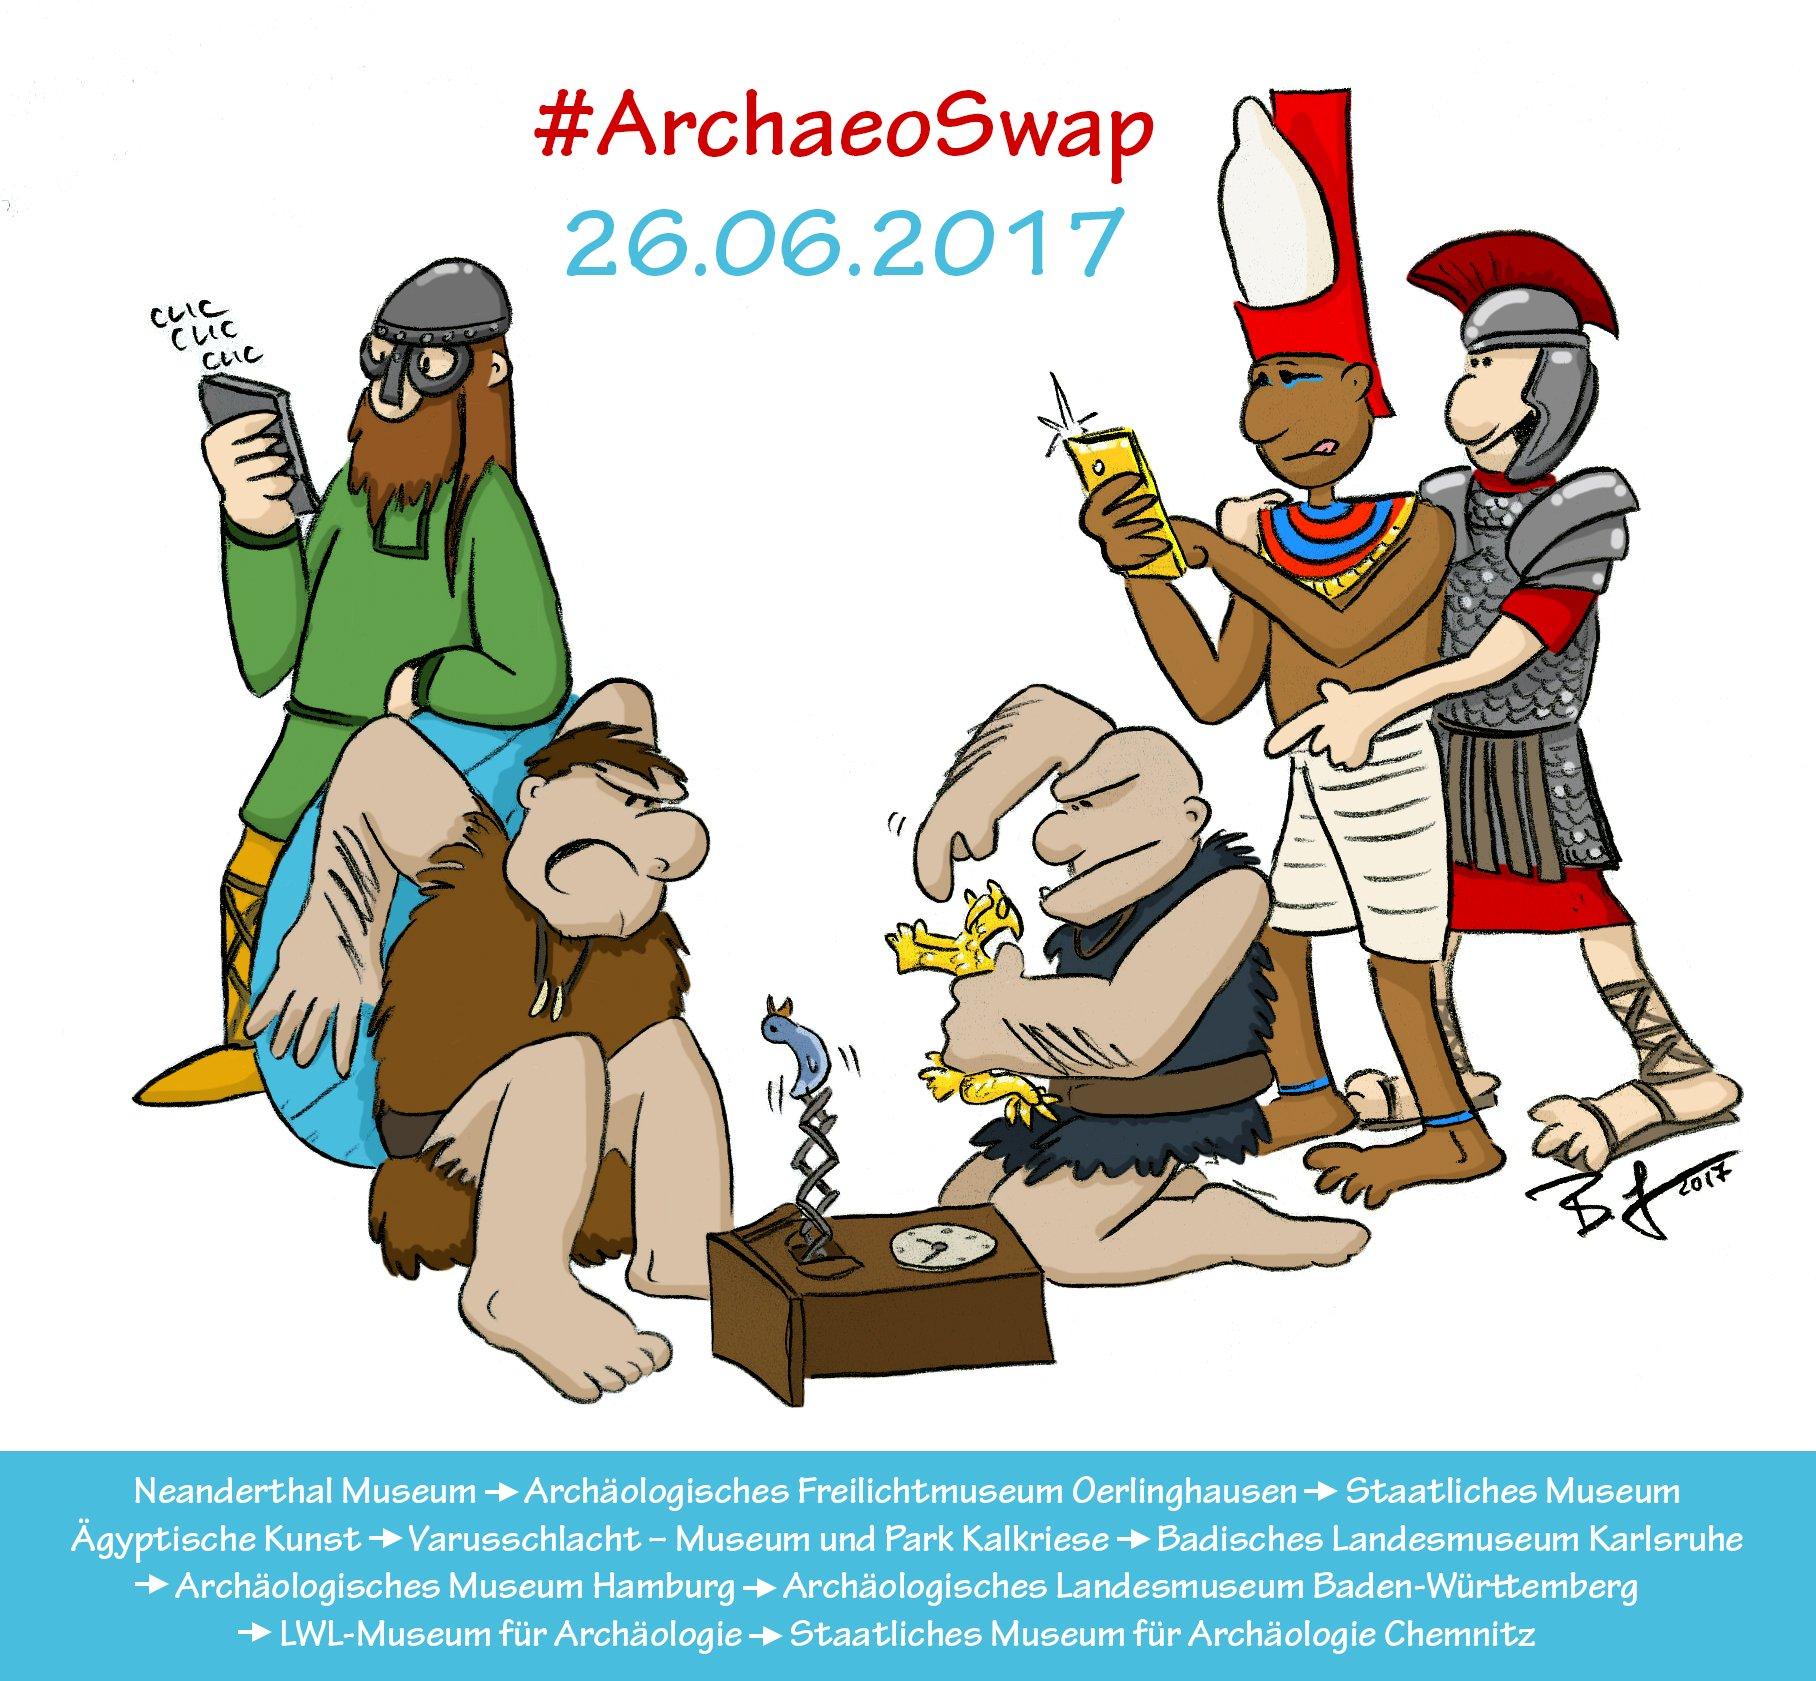 Guten Morgen zum #ArchaeoSwap - hier unterhält euch heute das @smaek_muc - seid gespannt, wir sind es auch ;) https://t.co/FLOXkFdHUW